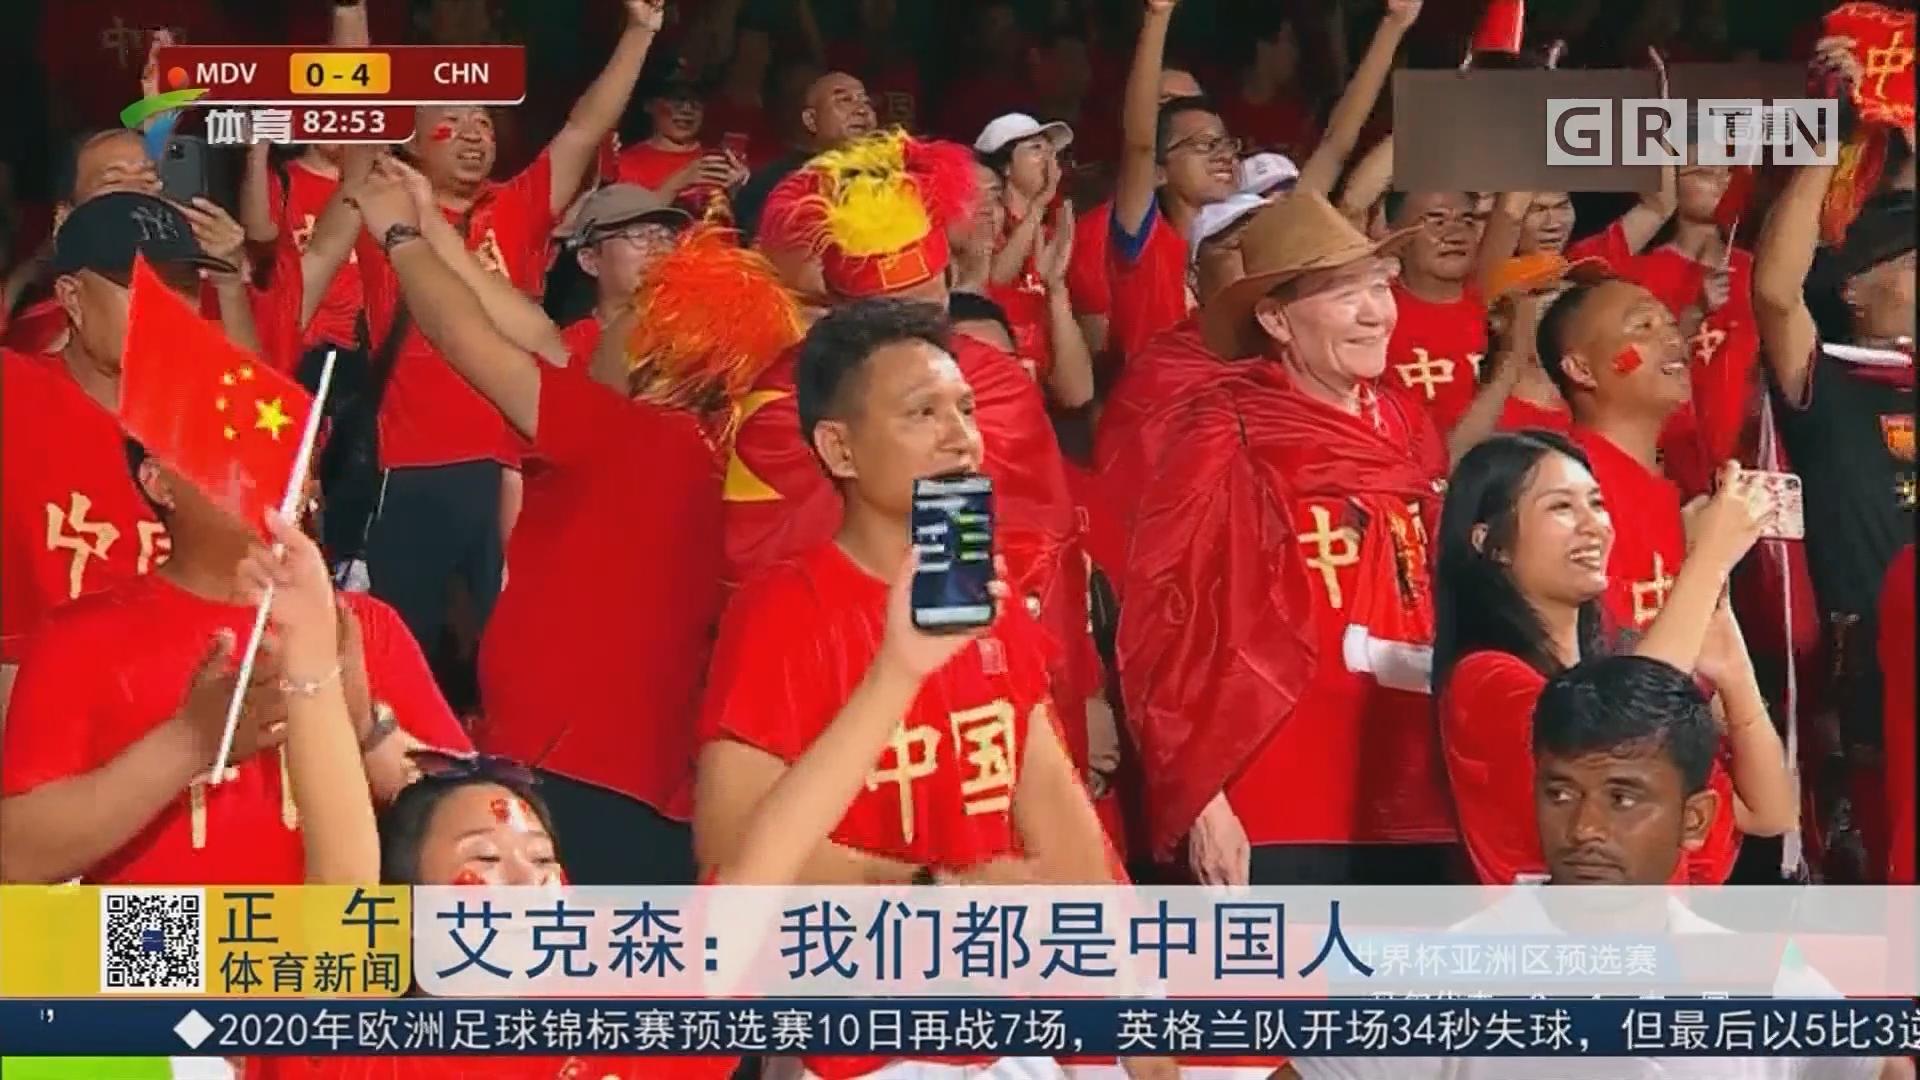 艾克森:我们都是中国人